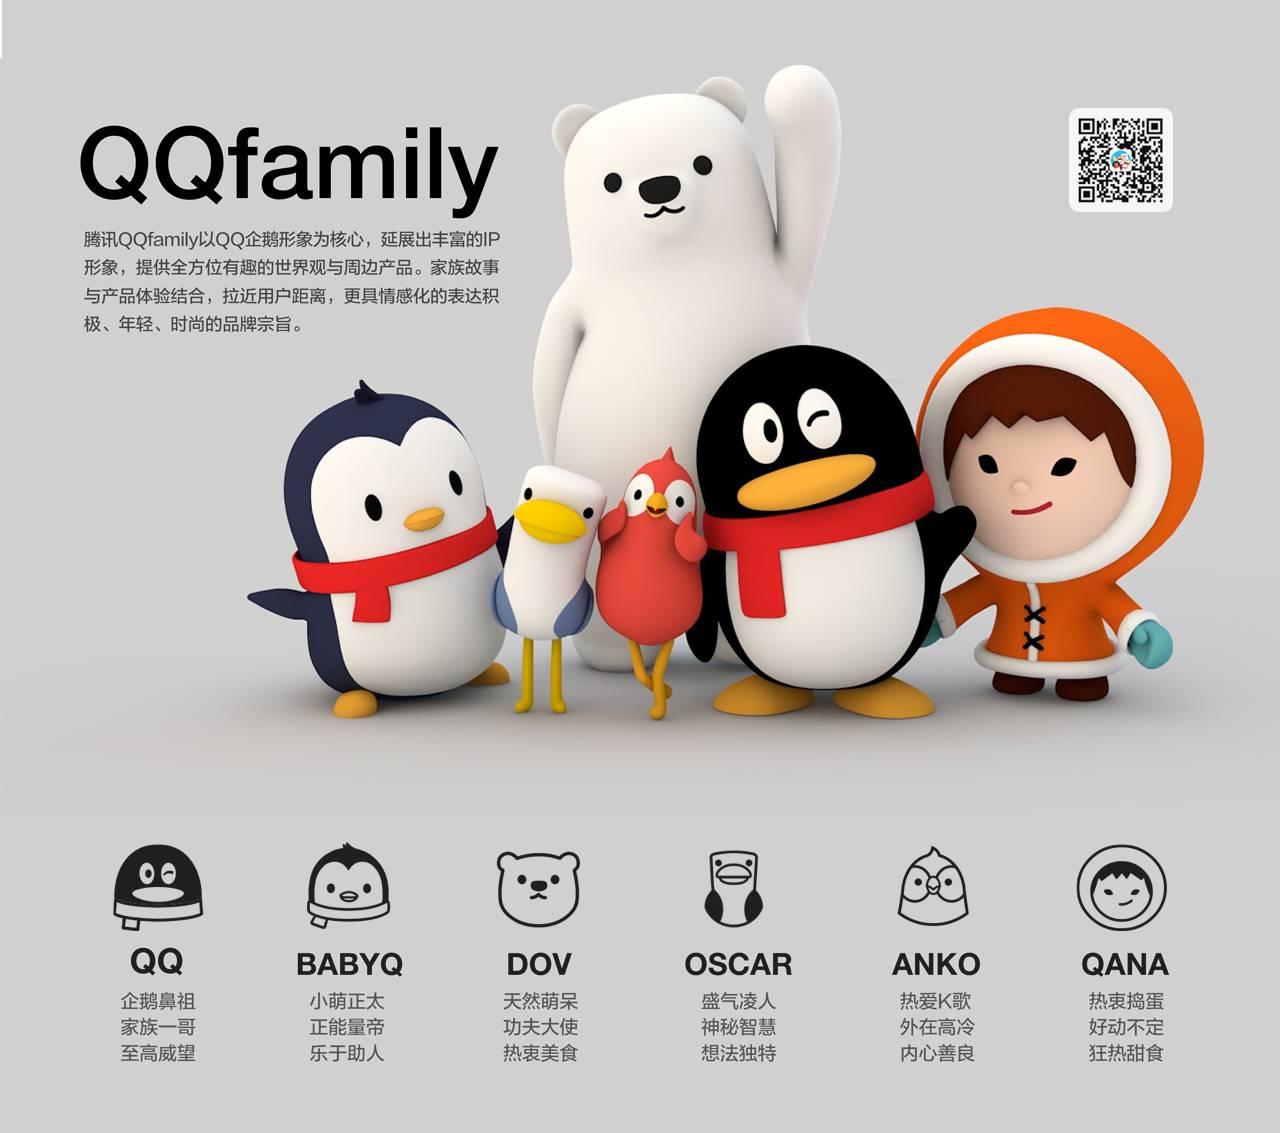 QQ-family